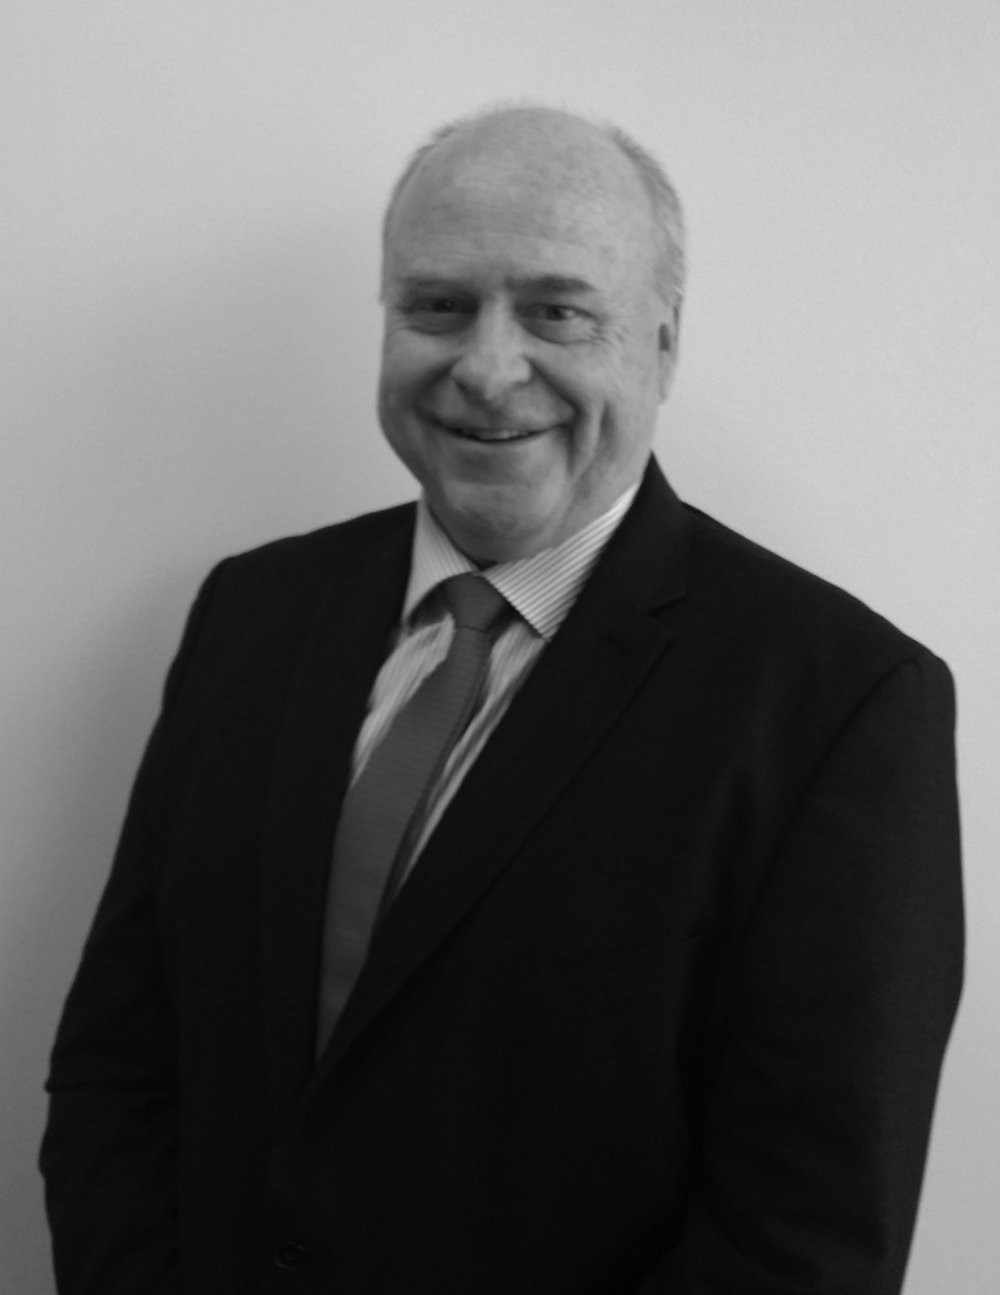 Speaker-Andrew Donald.jpg